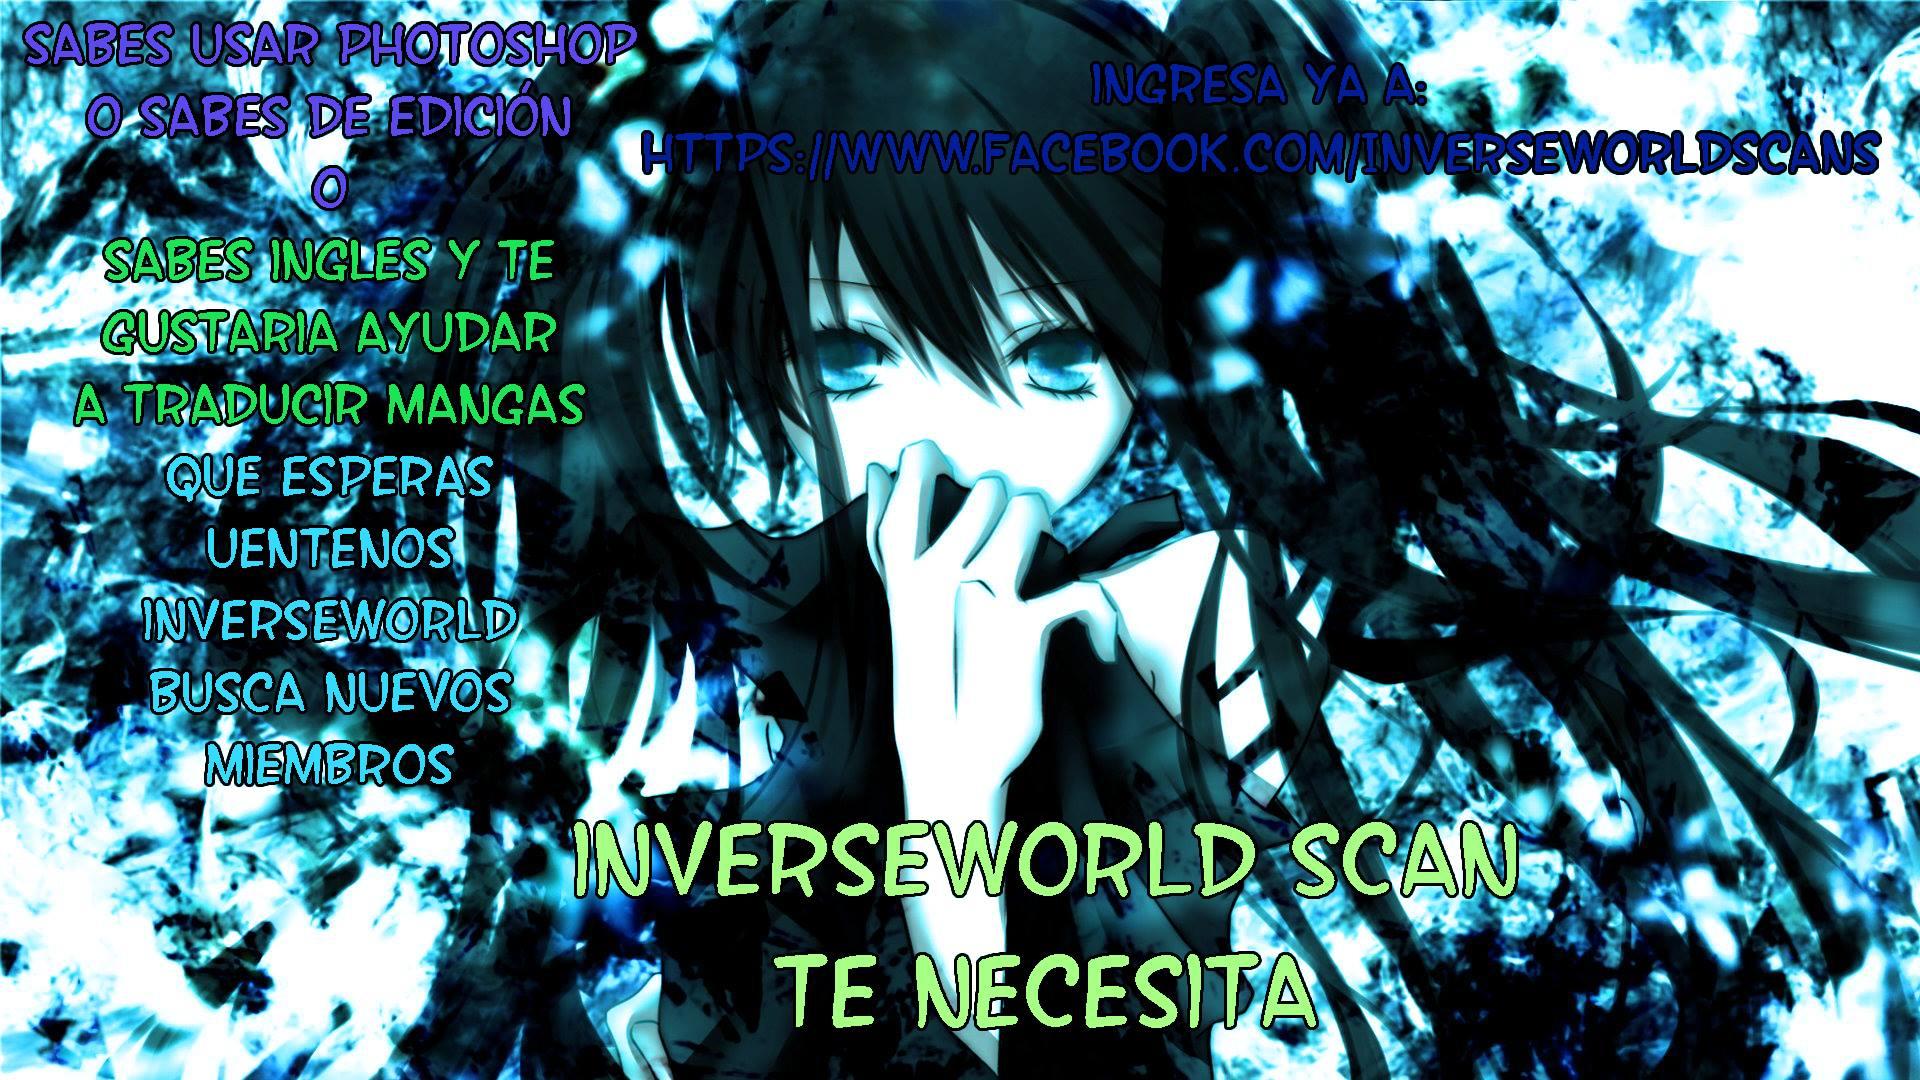 http://c5.ninemanga.com/es_manga/18/16210/391513/43054b1a886ddef7db2bd03b8bc603e9.jpg Page 1